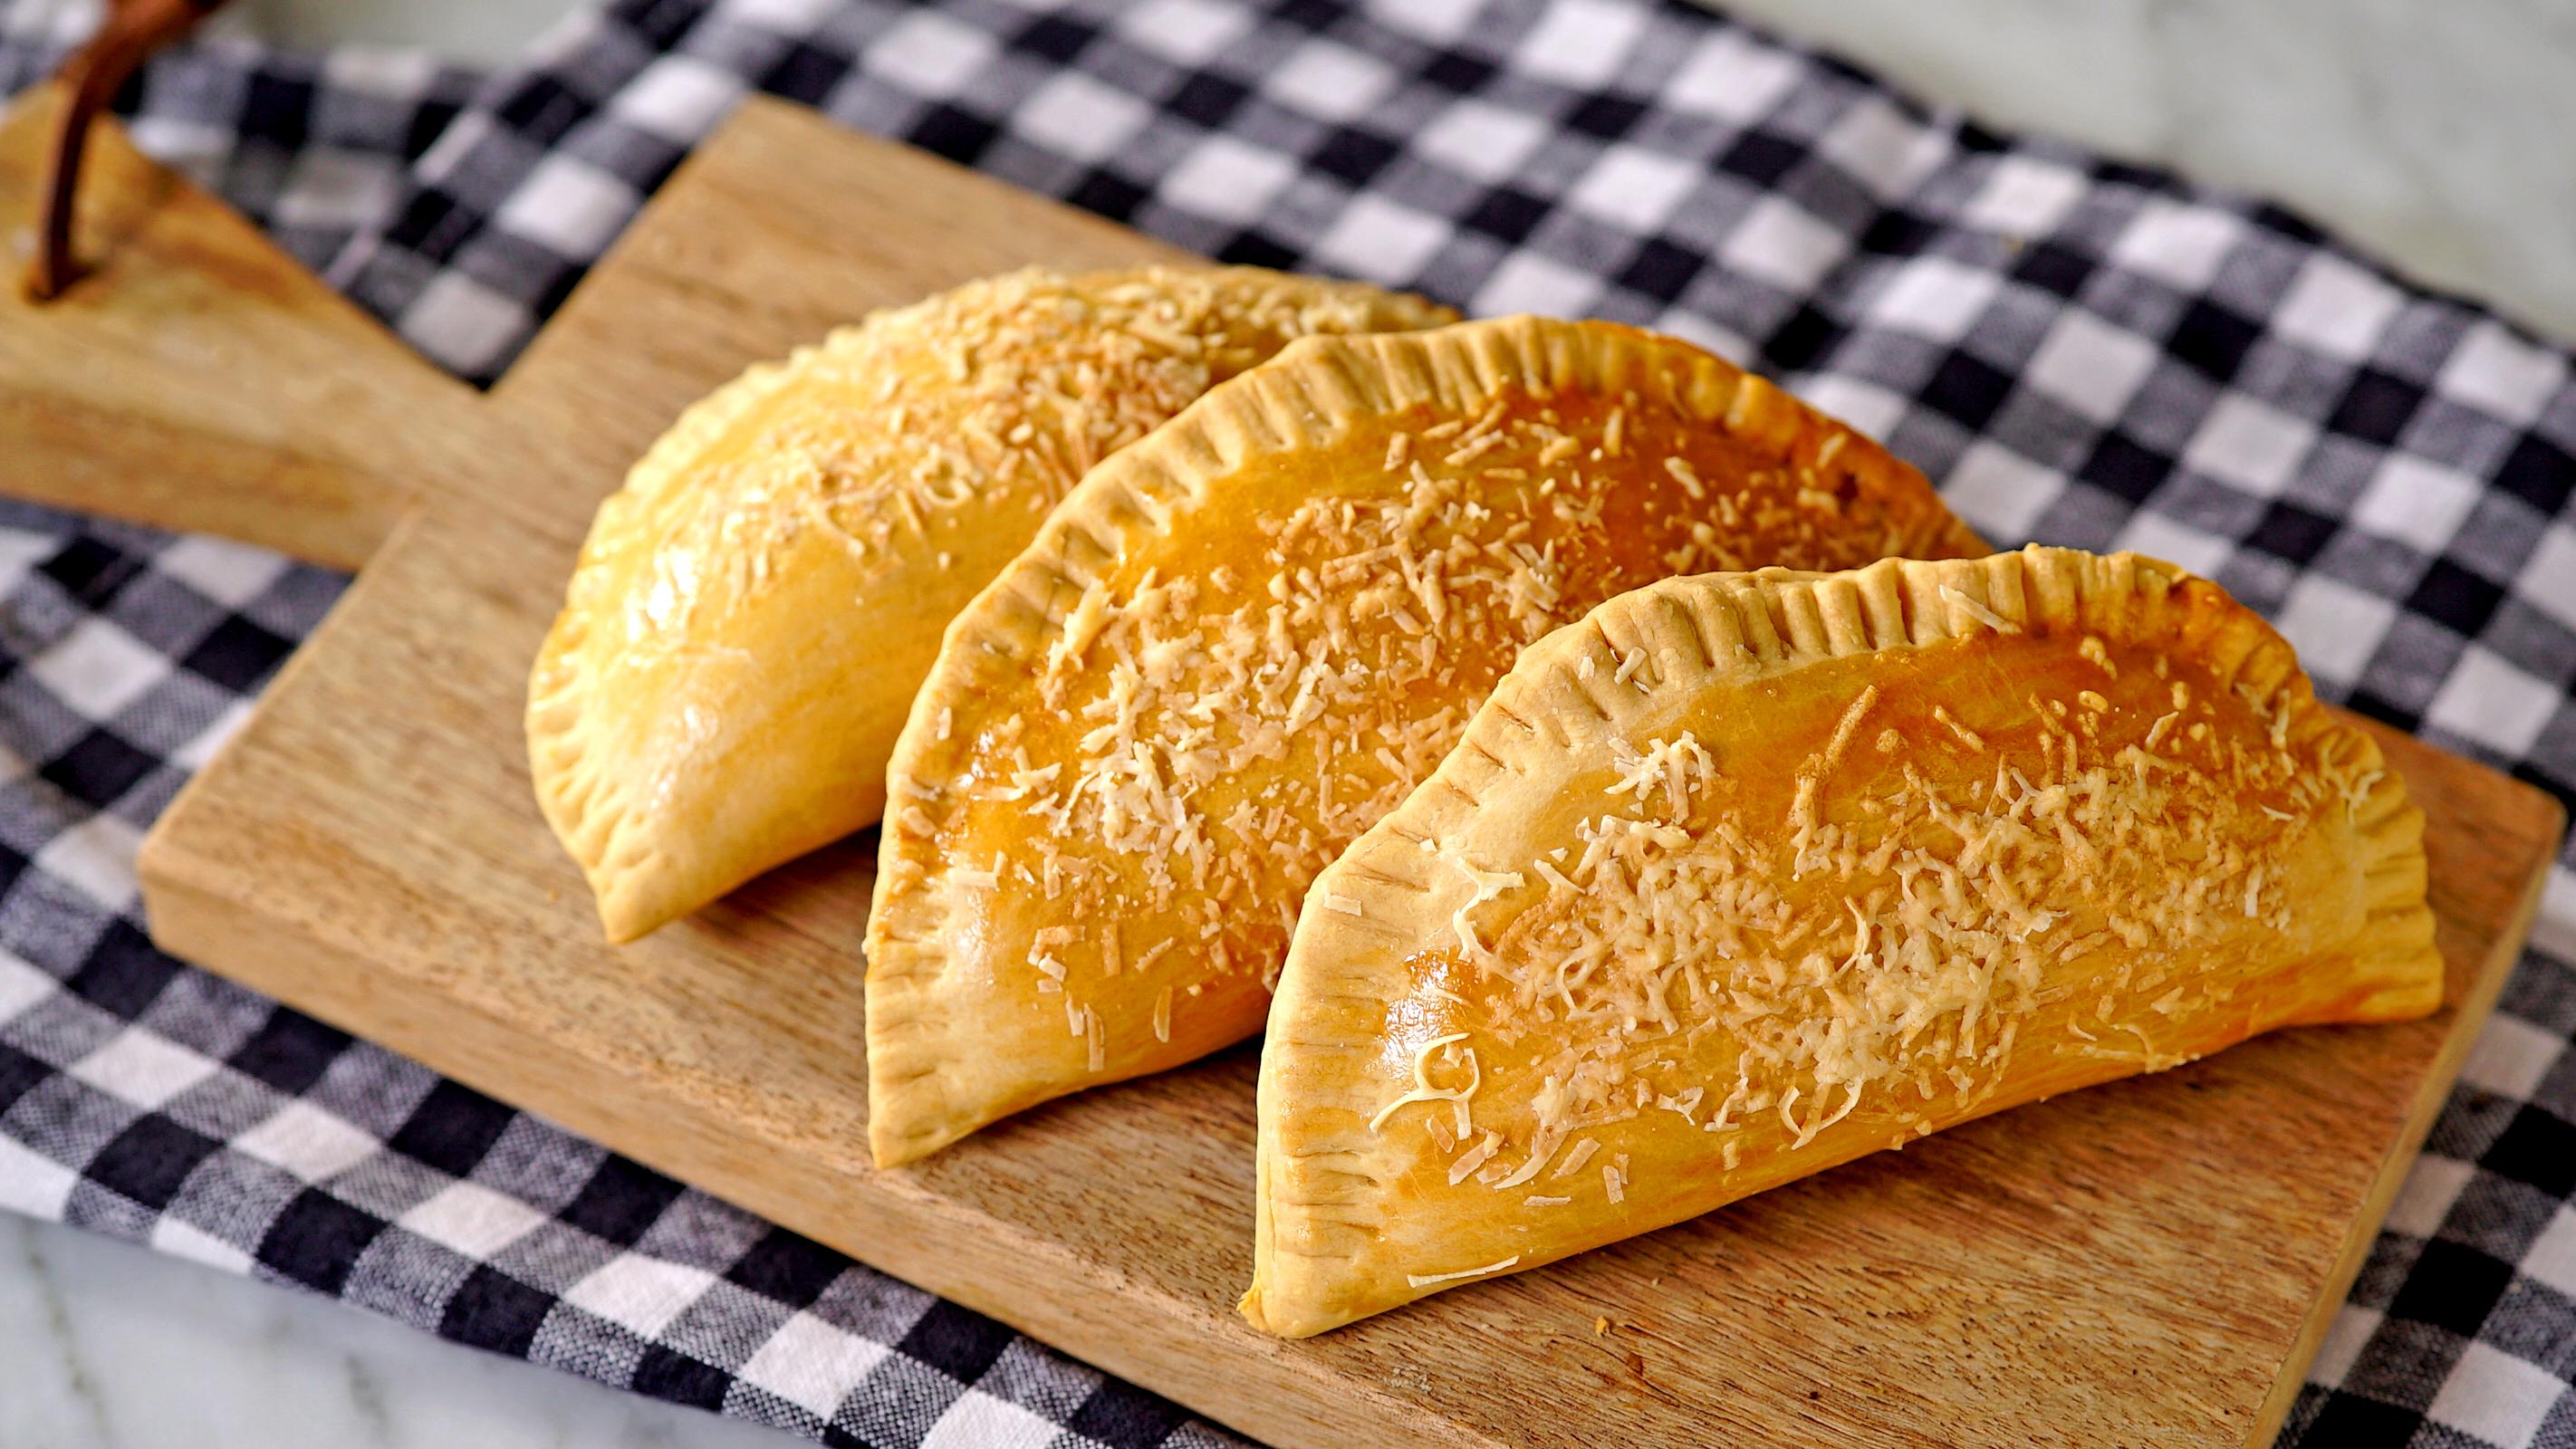 Ir para  <p>500g de farinha de trigo;</p>  <p>1 pitada de sal;</p>  <p>1 ovo;</p>  <p>100 ml de &oacute;leo;</p>  <p>15ml de cacha&ccedil;a;</p>  <p>1 x&iacute;cara de...